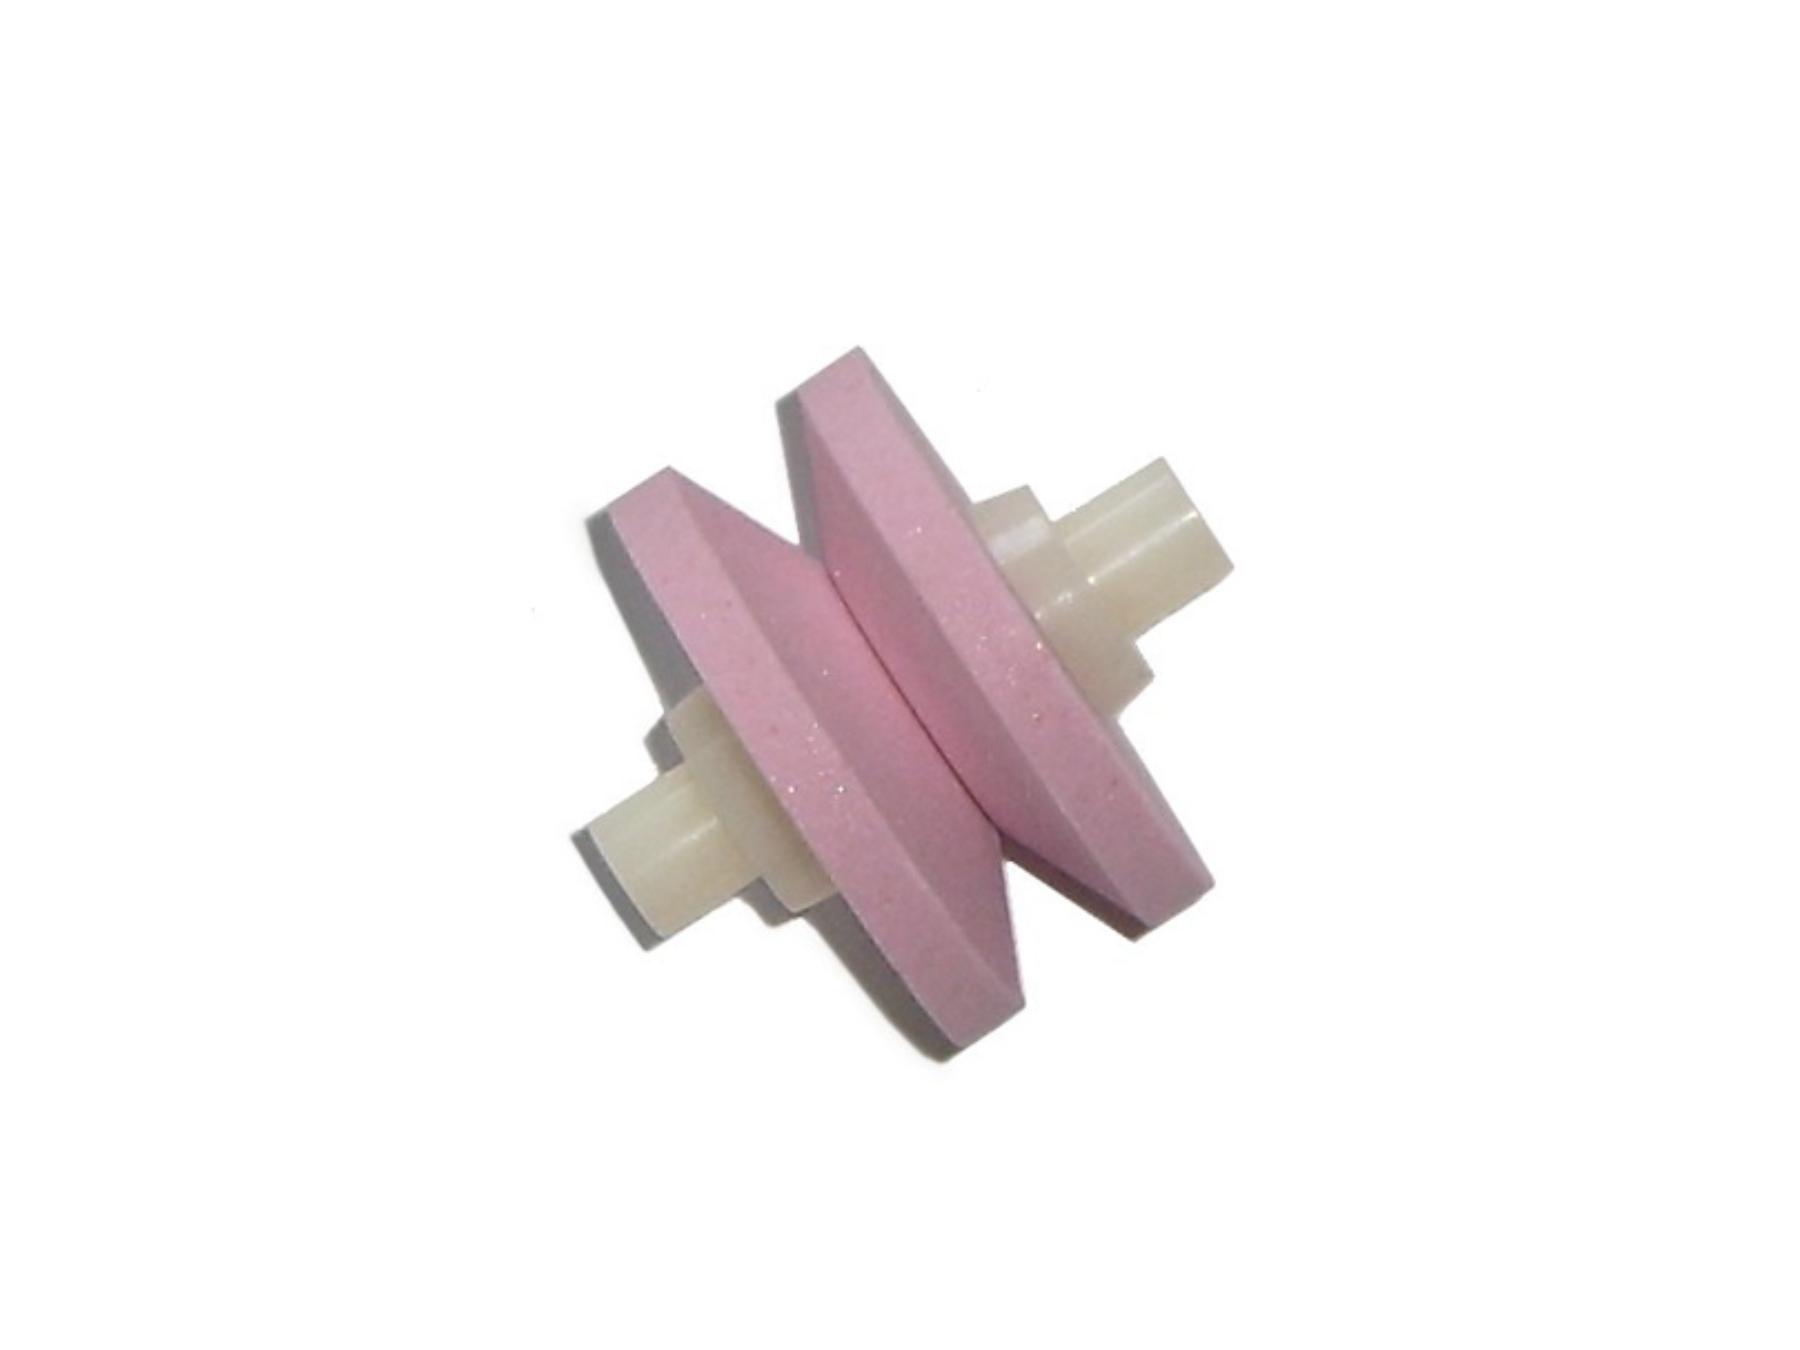 MinoSharp 445 Ersatz Keramikstein für 440-GB und 444-BR, rosa